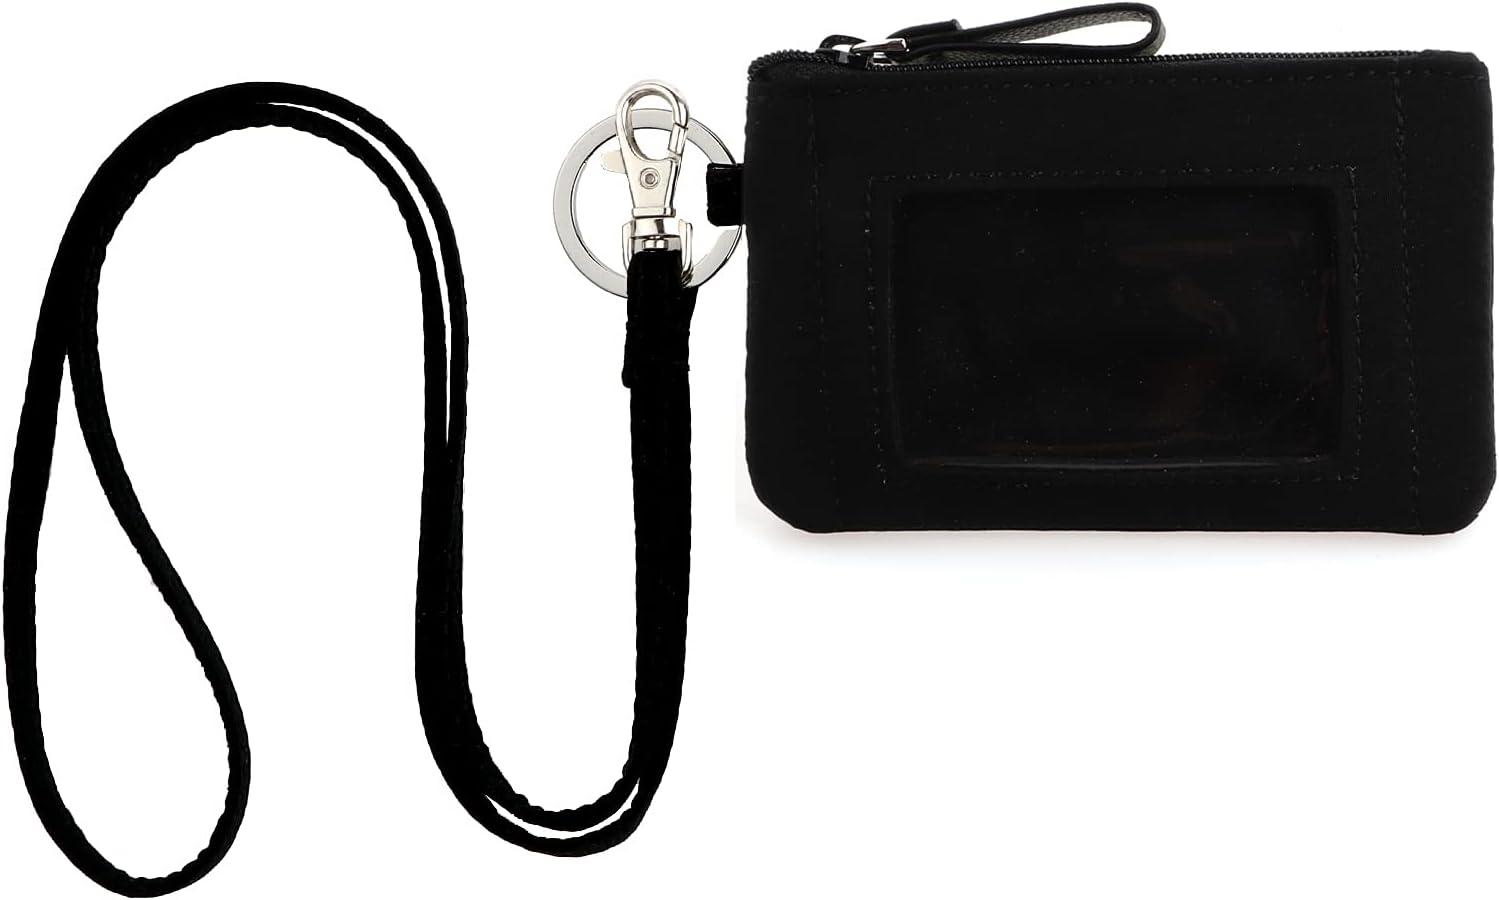 DONGGANGAJI Classic Black Lanyard with Zip ID Case, Fashion Lanyard Wallet, ID Case Wallet with Lanyard,lanyards with wallet (Black-C)